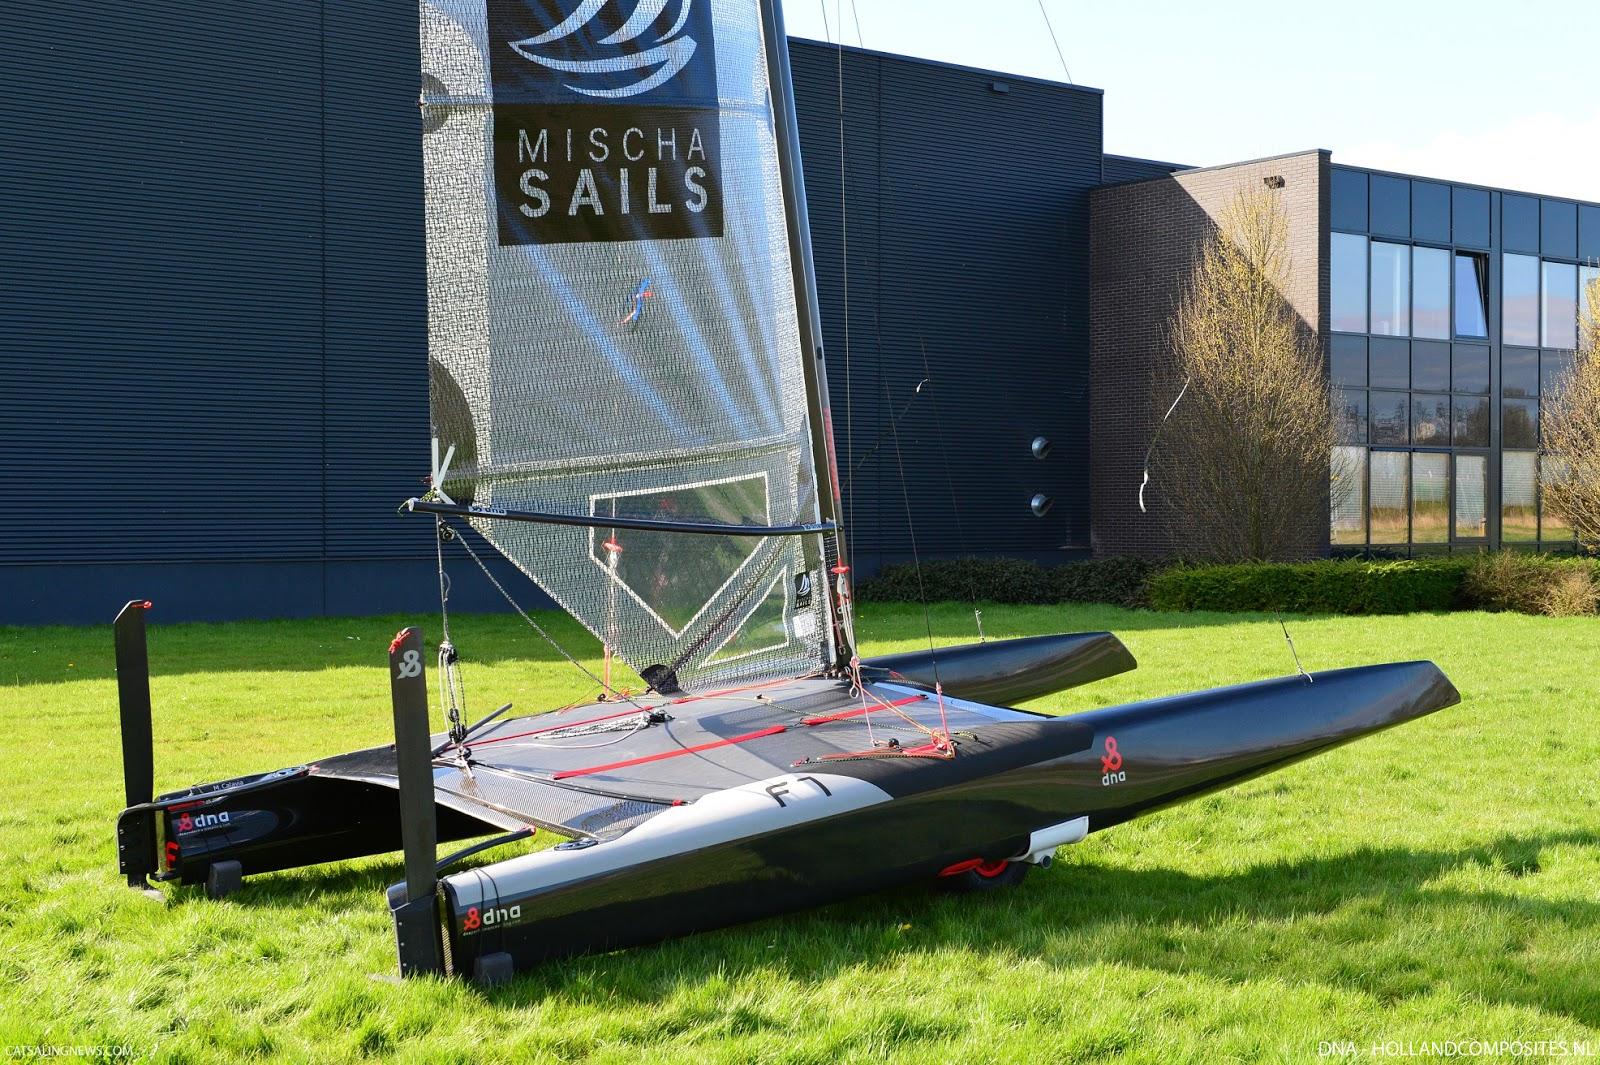 Den hollandske båd DNA F1, blandt andet med ny, lækker platform. Foto: DNA-HOLLANDCOMPOSITES.NL